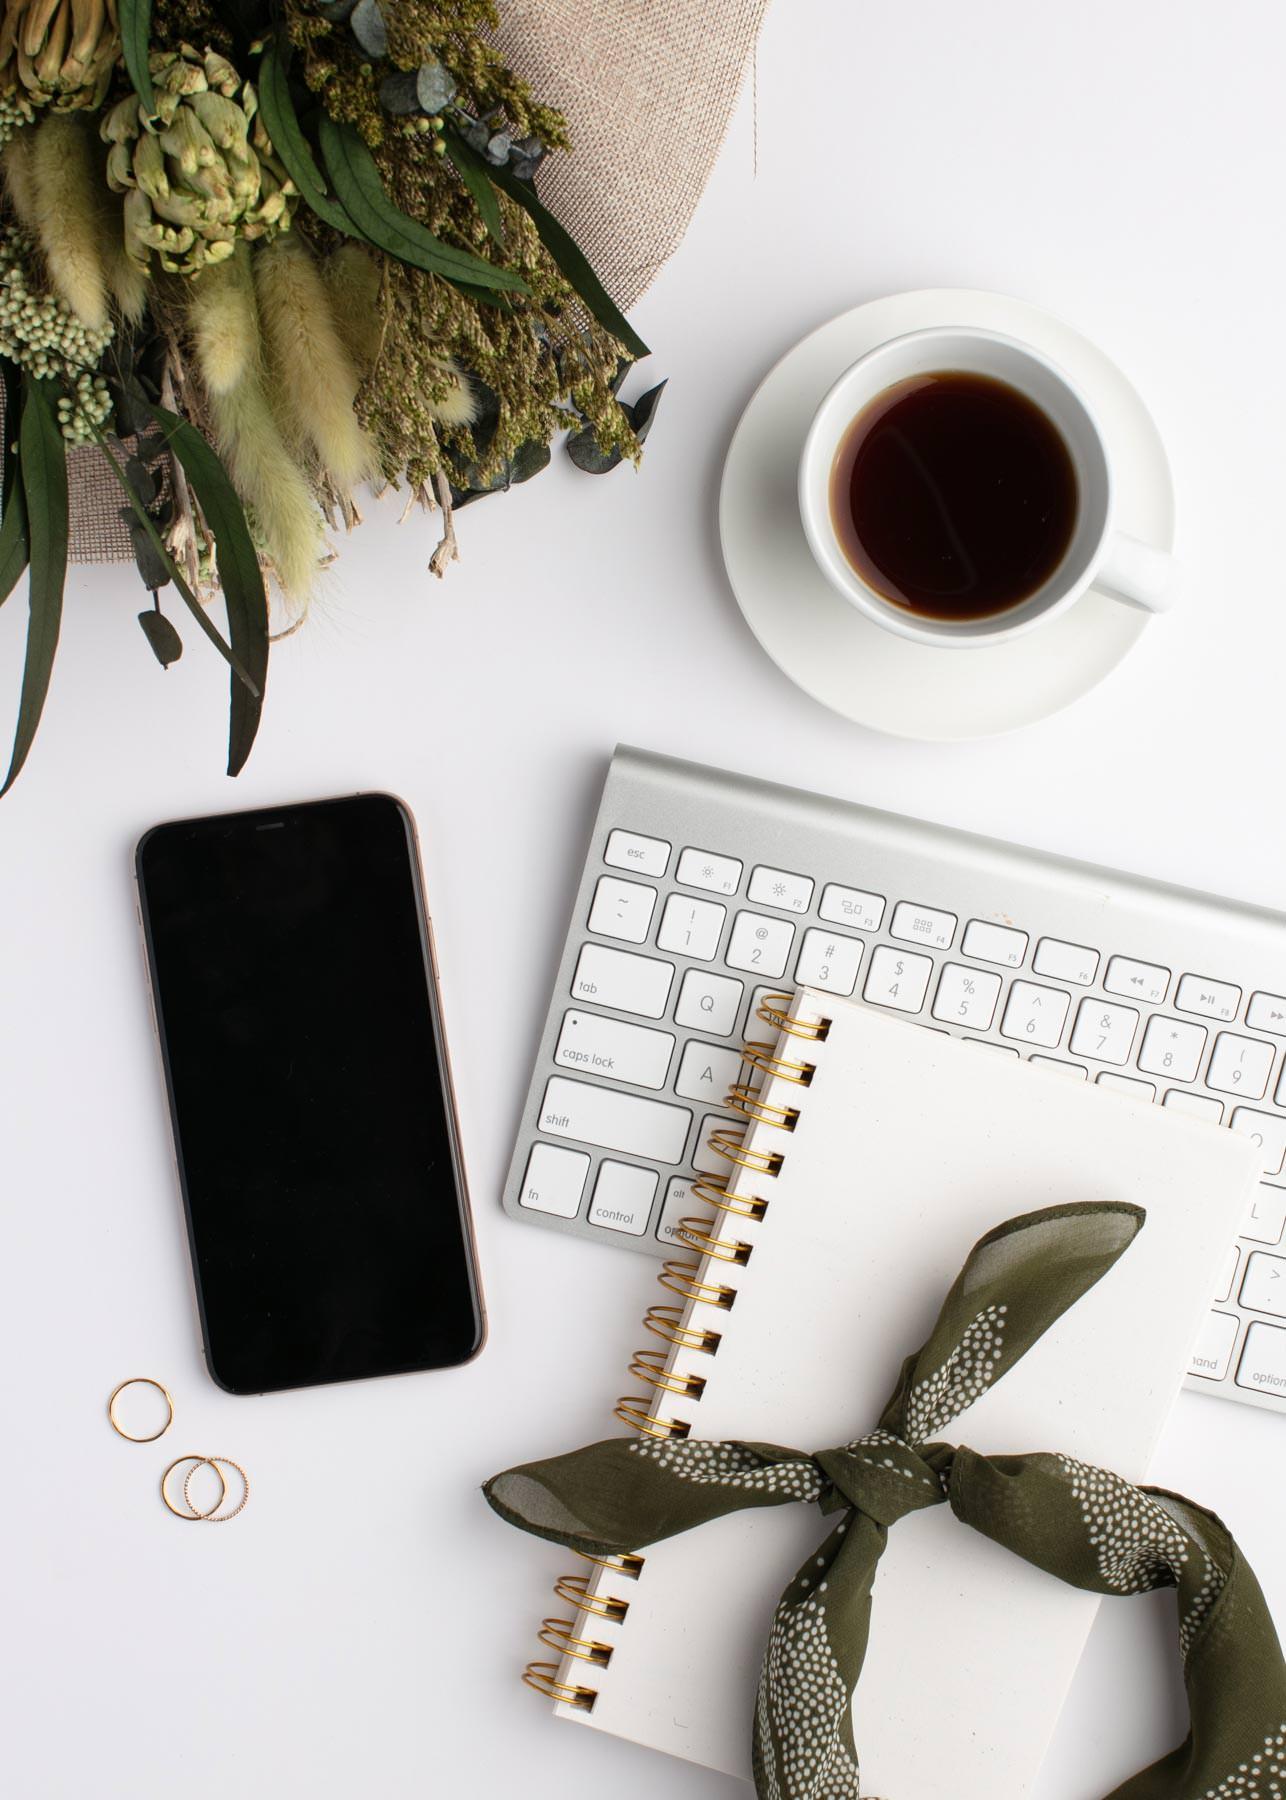 Digital Detox, eine Art der digitalen Entgiftung, kann uns dabei helfen, uns vom Handywahnsinn zu befreien! In diesem Blogbeitrag zeige ich dir, mit welchen simplen Methoden du ganz einfach bewusst offline gehen kannst!